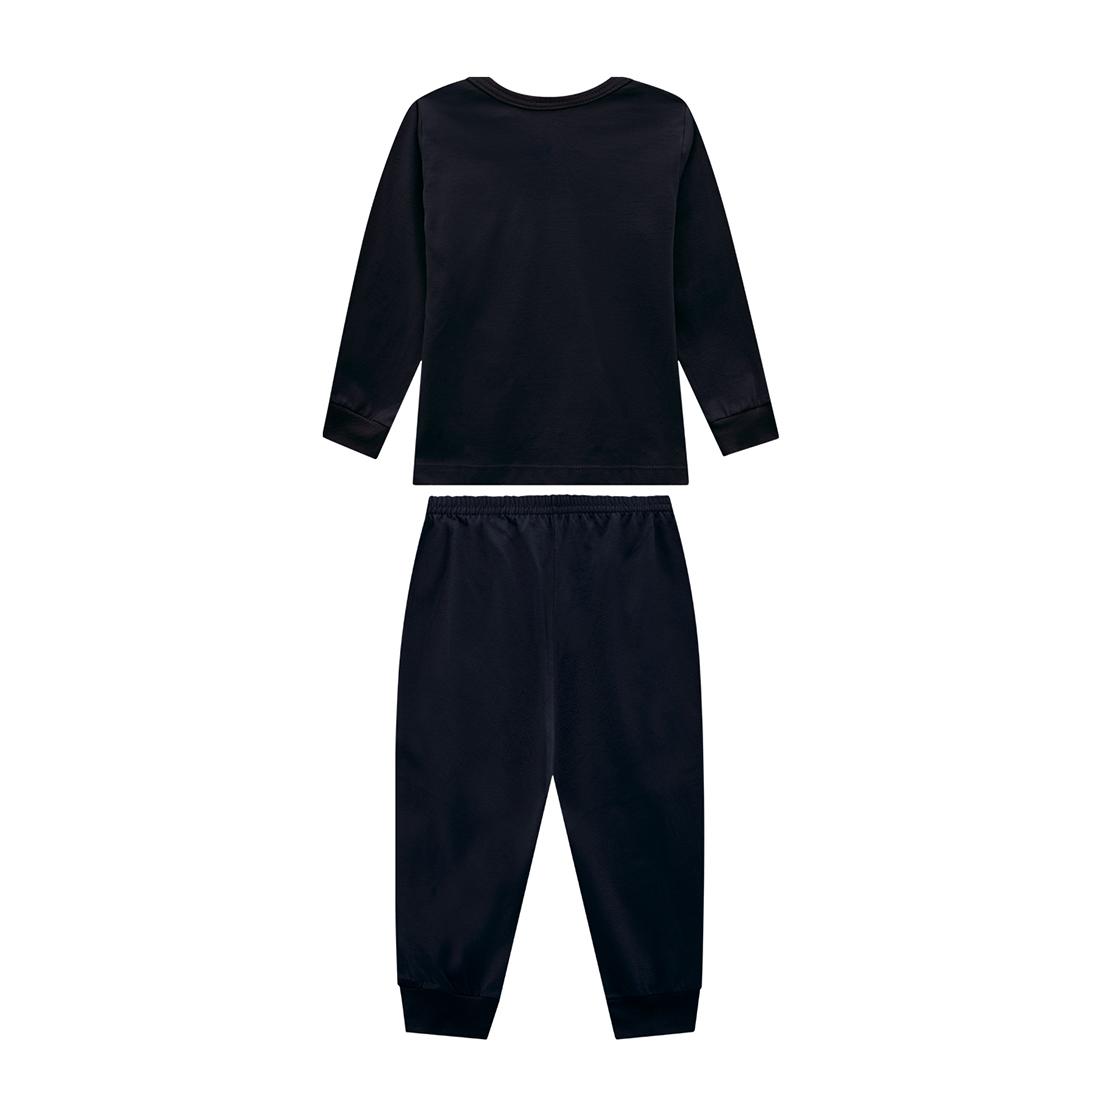 Pijama bebê unissex esqueleto brilha no escuro manga longa